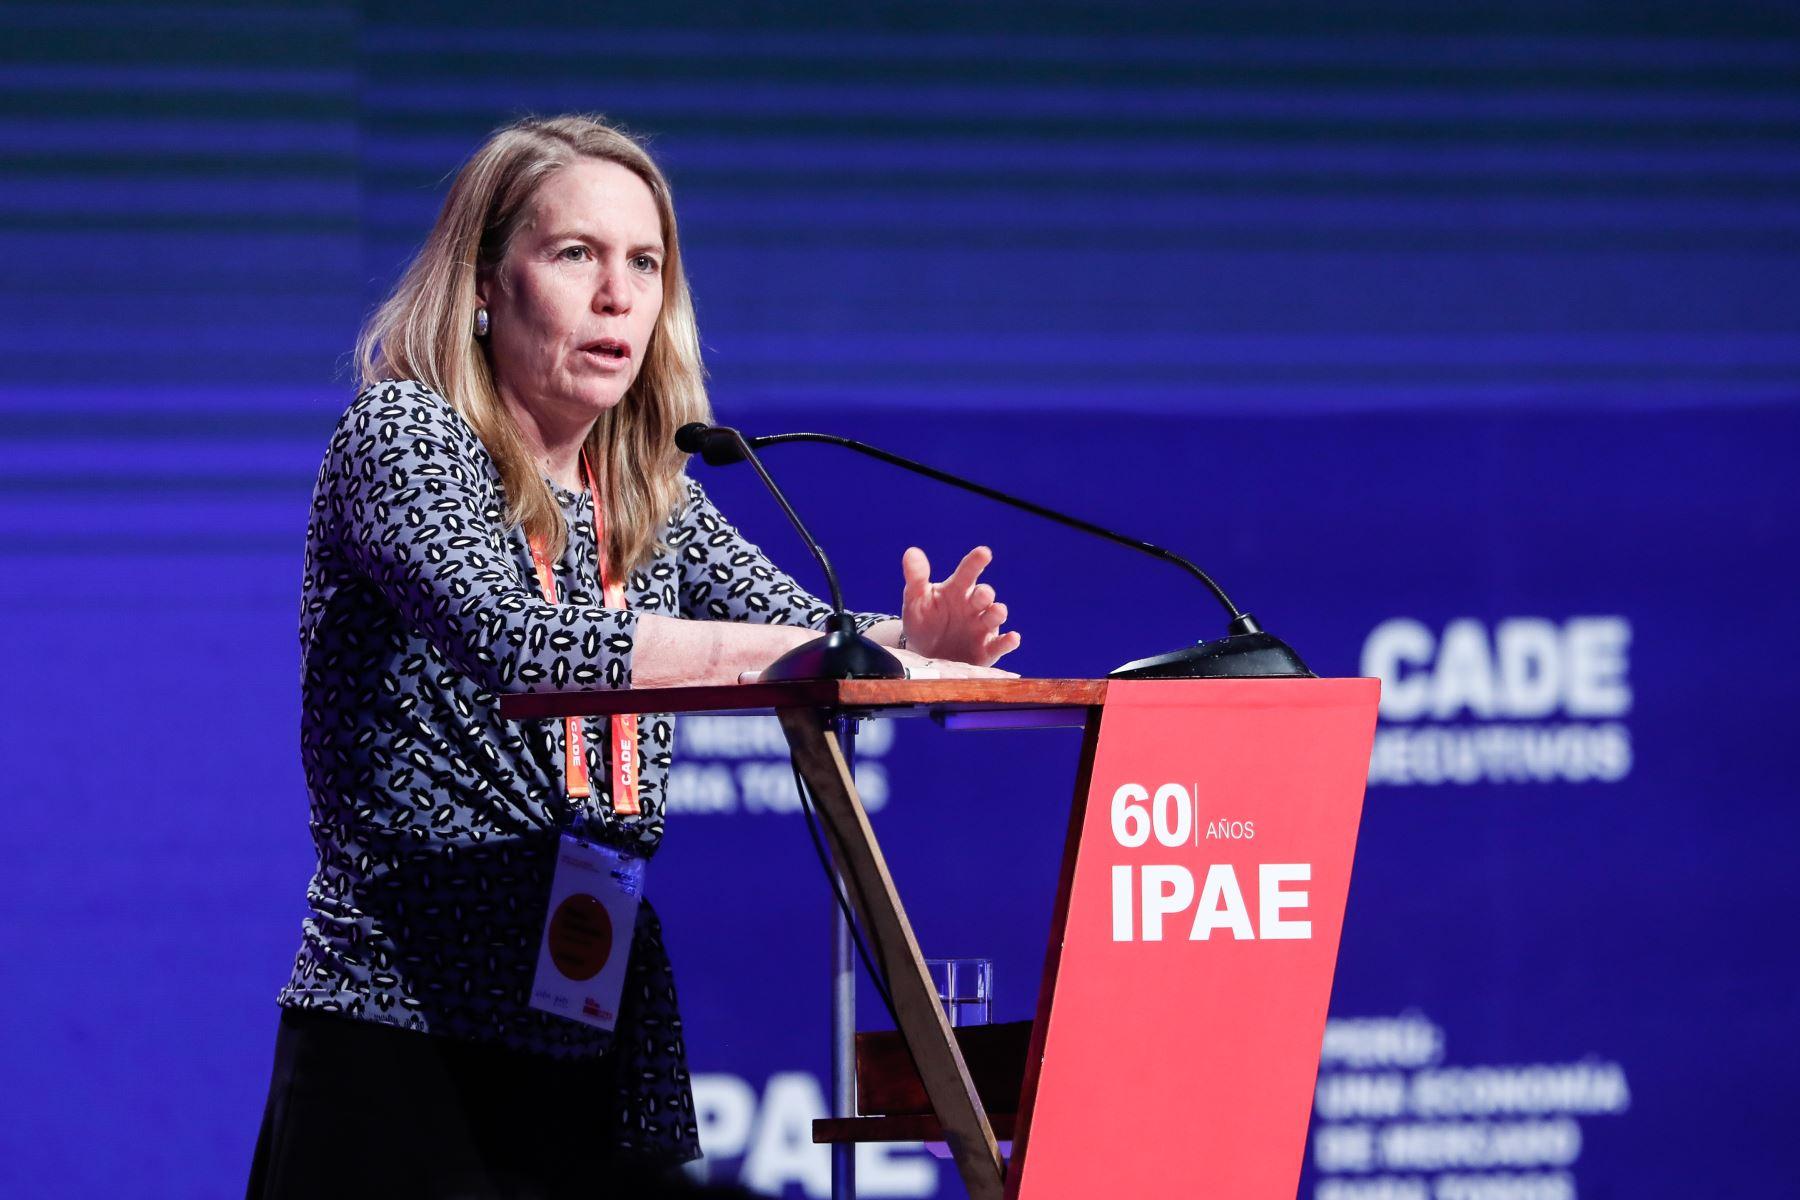 Elena Conterno, presidenta de IPAE clausura CADE Ejecutivos 2019 desarrollado en Paracas. Foto: ANDINA/Renato Pajuelo